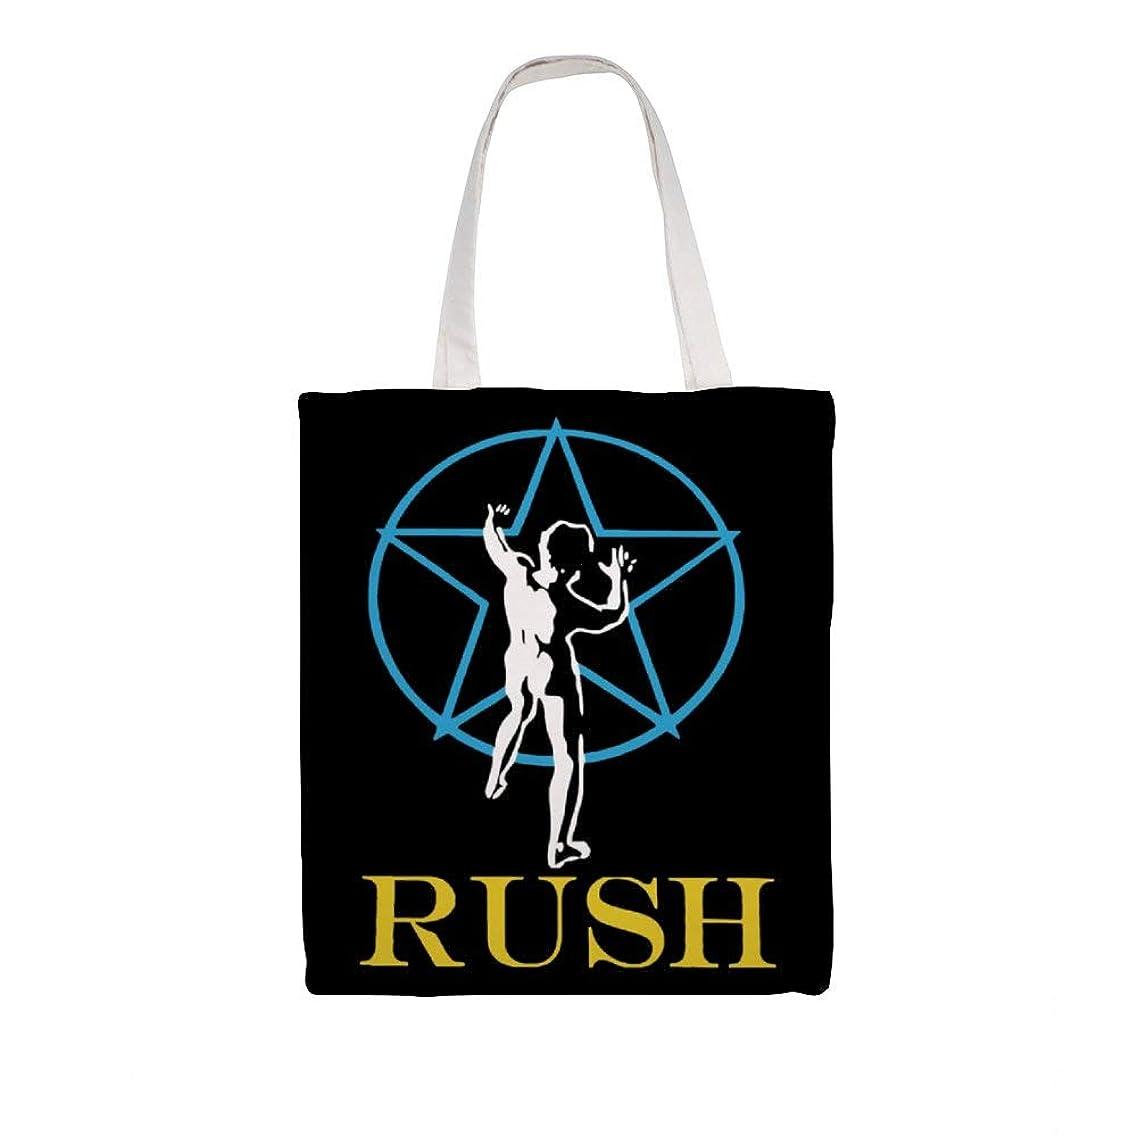 餌三角形森林ズックバッグ トートバッグ 手提げ袋 大容量 ショルダー 買い物 旅行 質感 収納便利 耐久性 人気 おしゃれ 軽量 鞄 Rush Logo 38*41cm